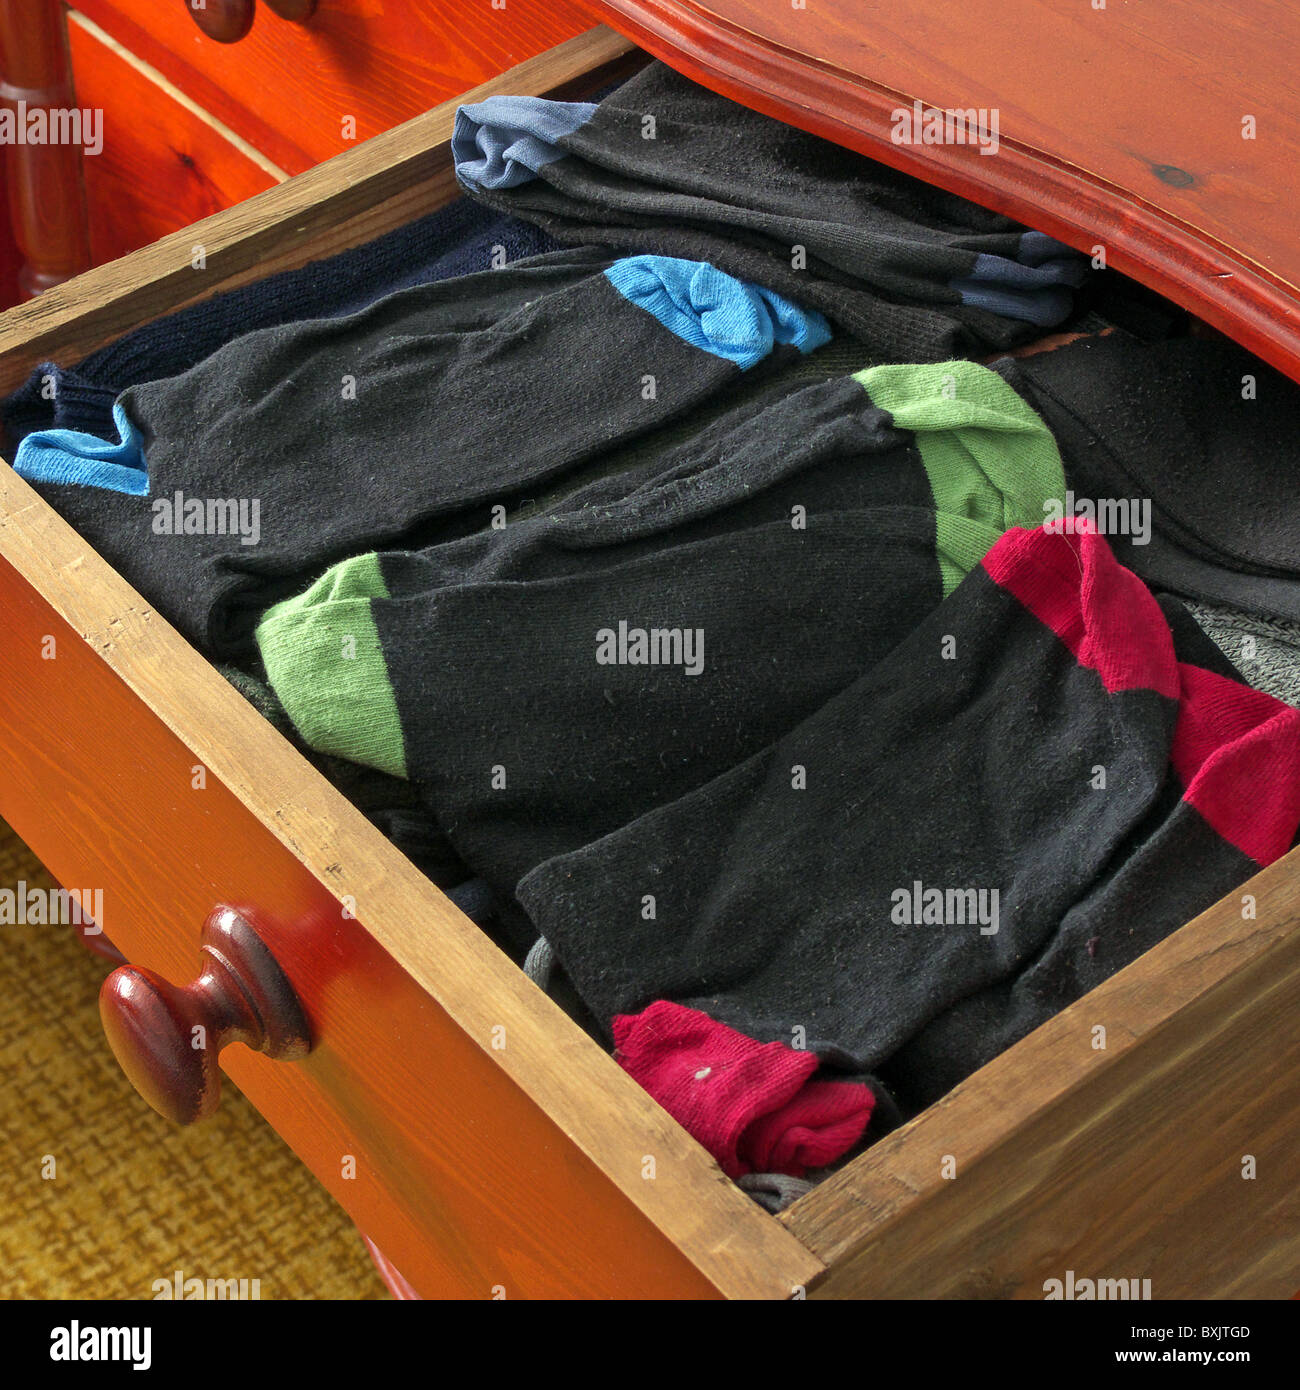 Ouvrir un tiroir plein de chaussettes pour hommes, UK Photo Stock